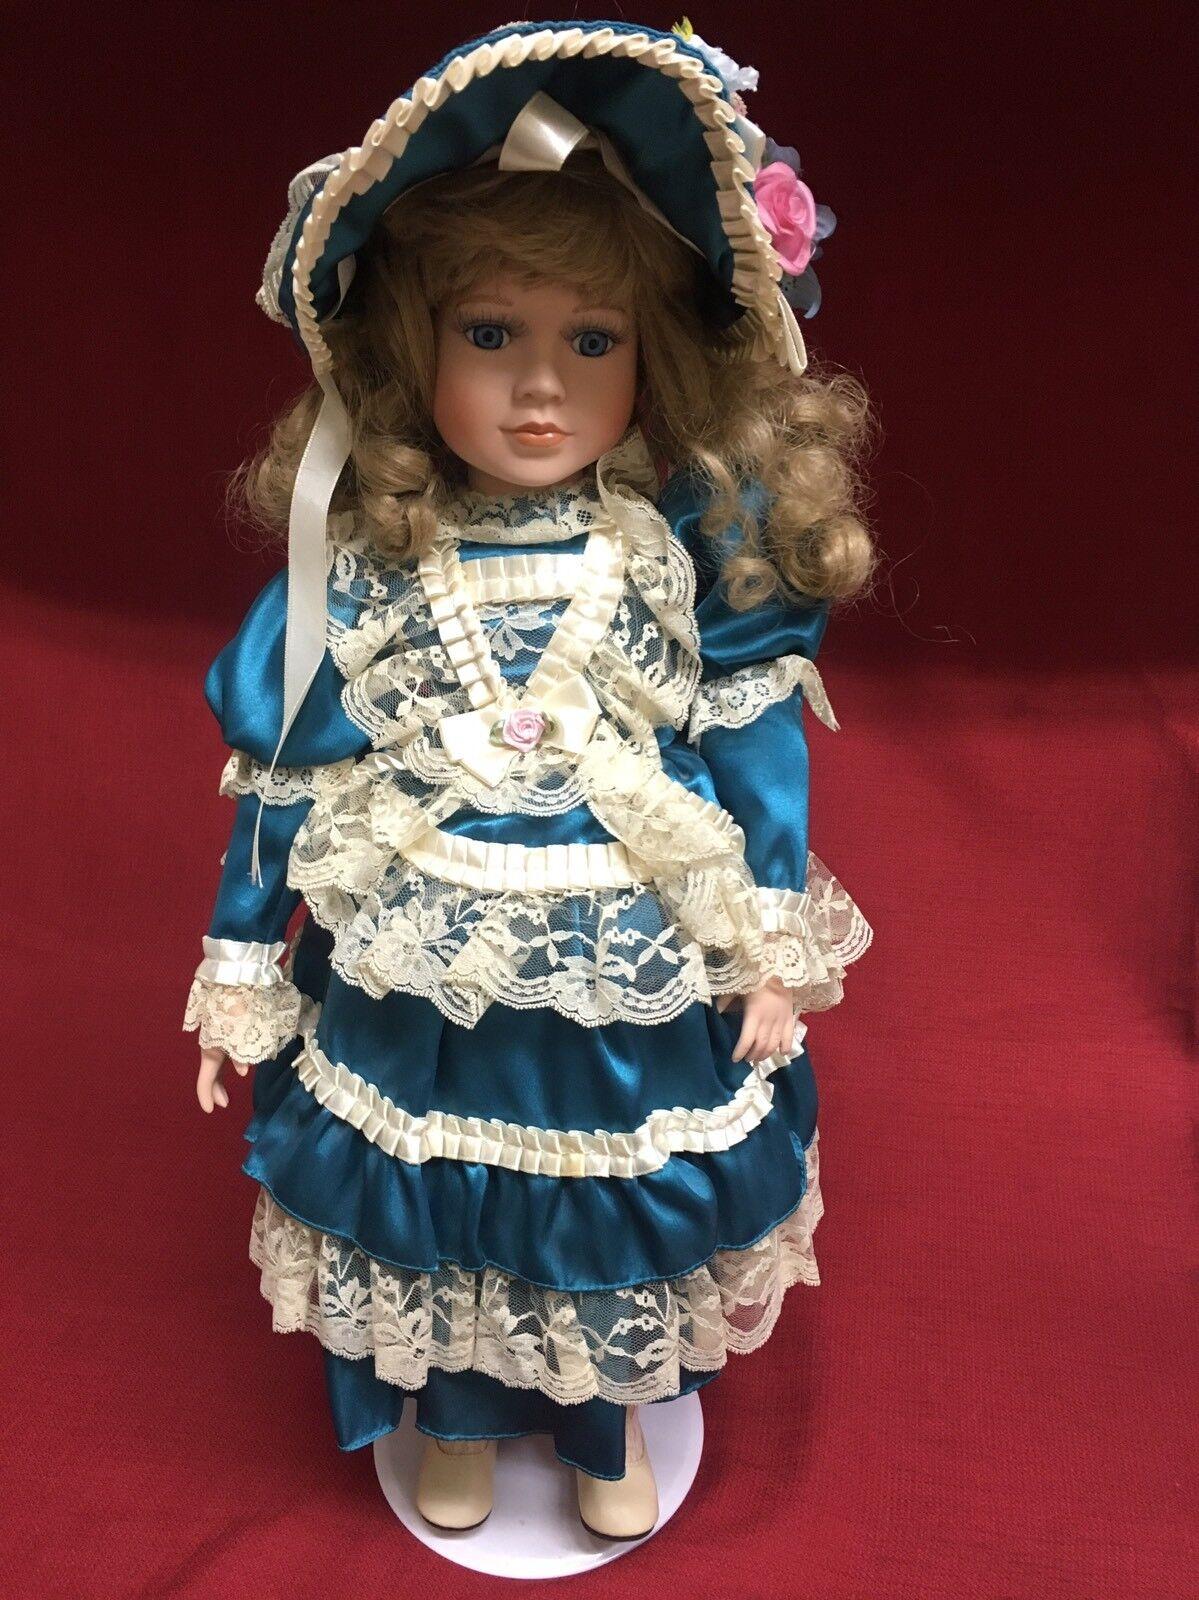 Corte DI BAMBOLE 1062500 22 Bambola di Porcellana Blu ScuroTeal Abito in pizzo Accents